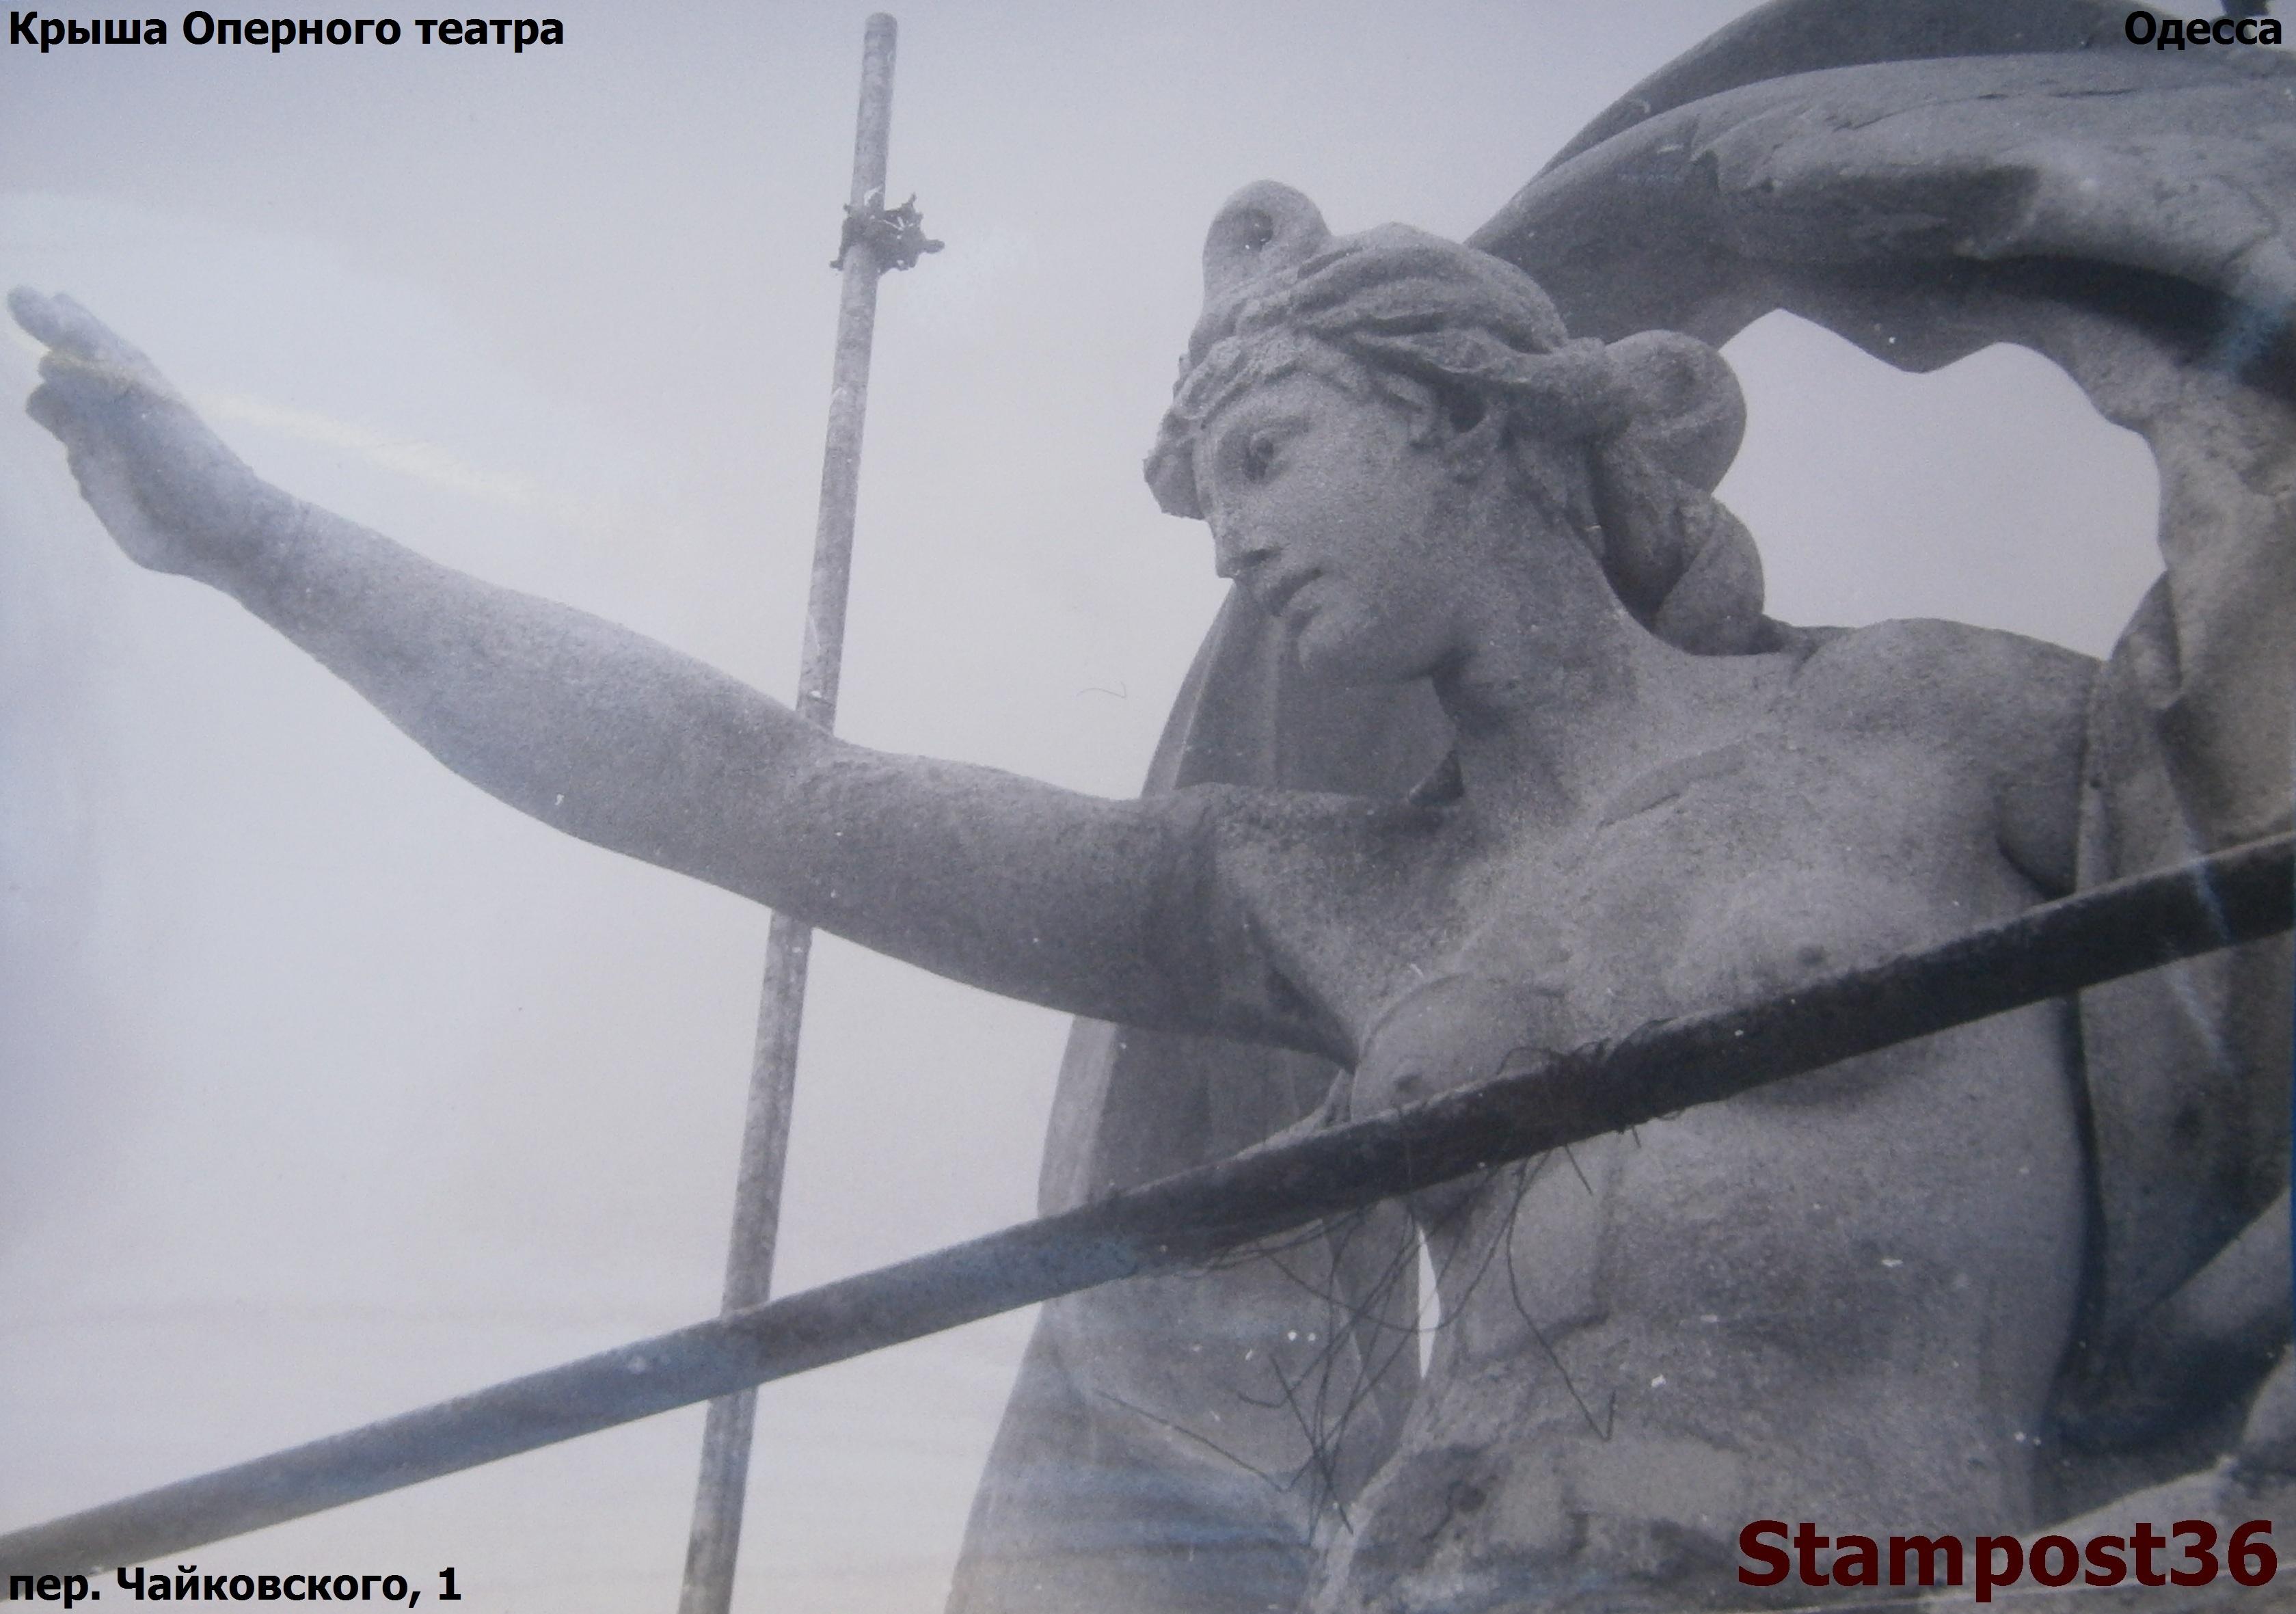 Ремонт крыши Одесского Оперного театра! 1995 год.